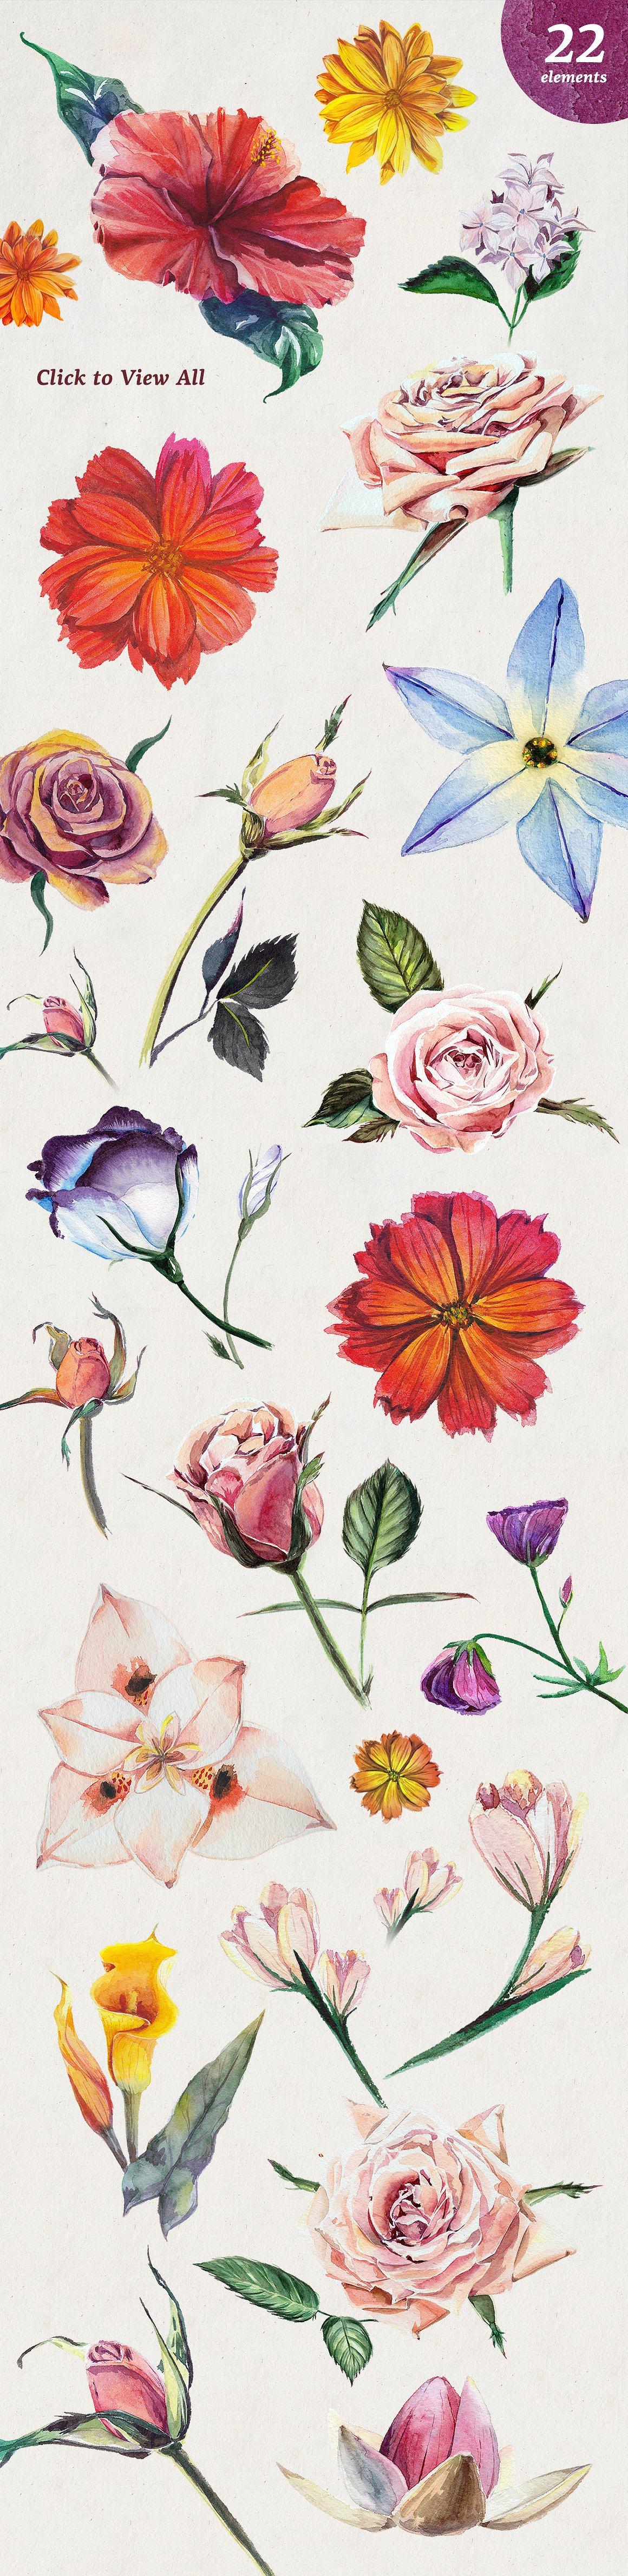 Florist Watercolor Flowers Set2